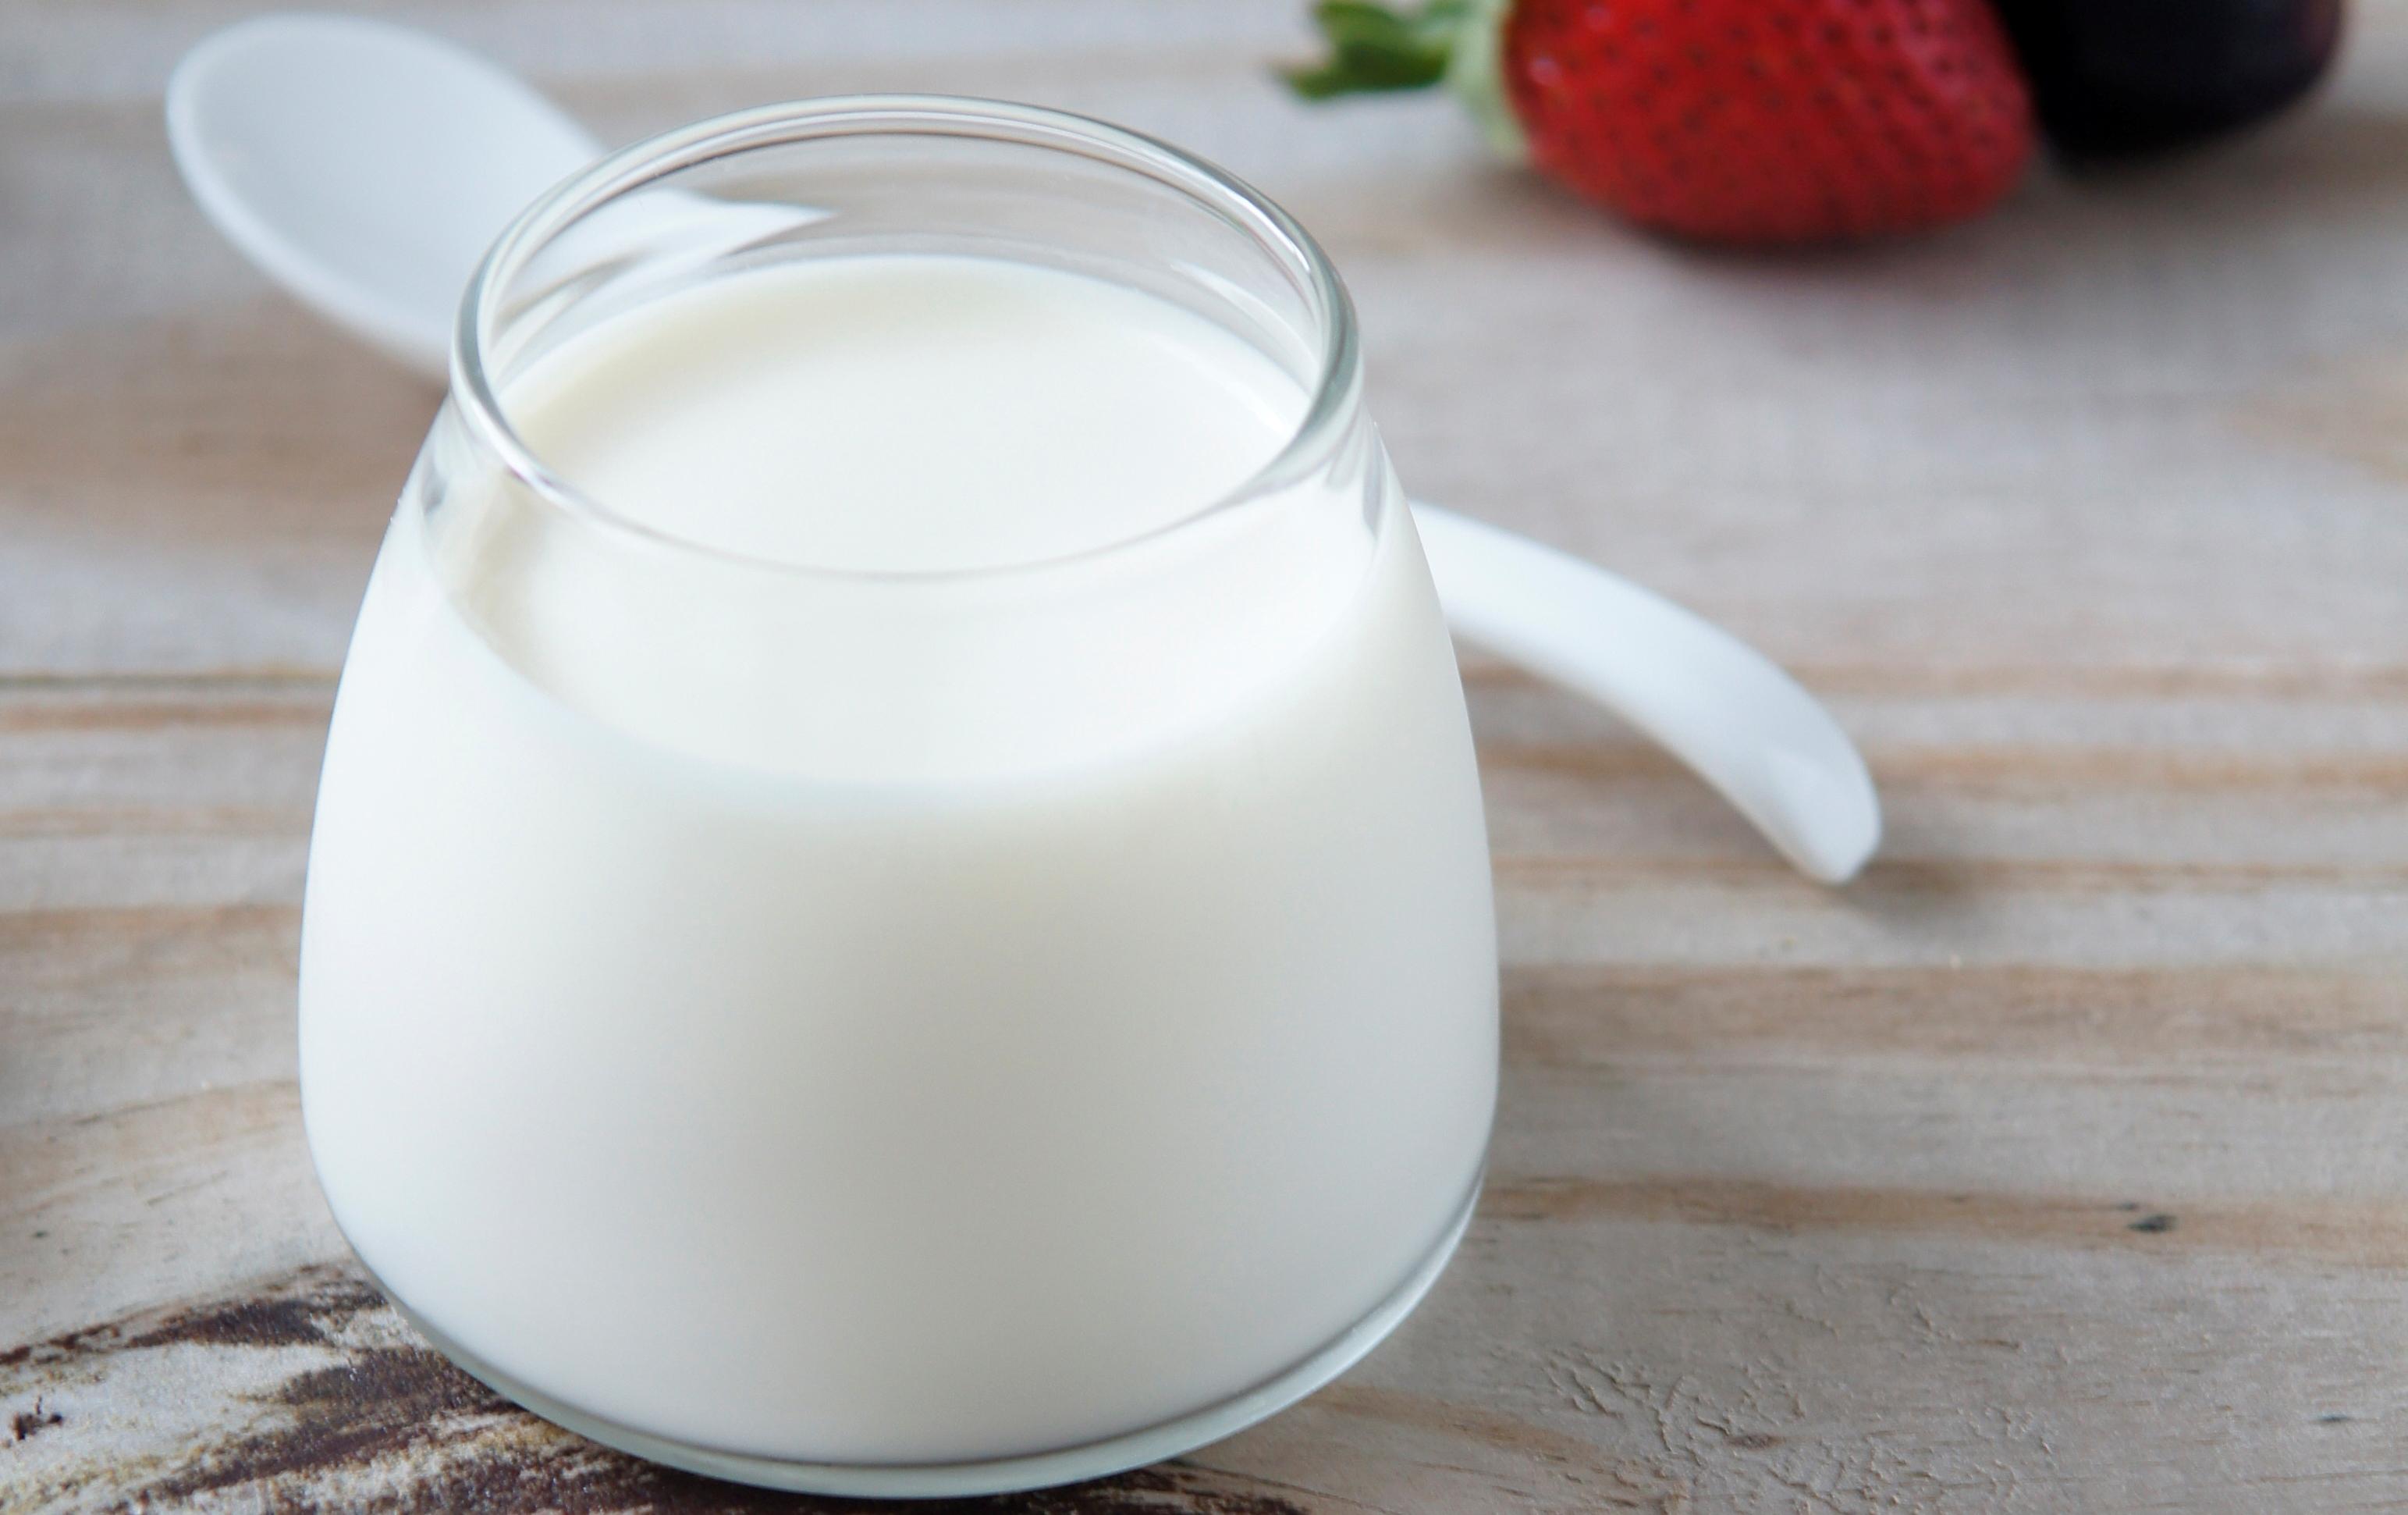 Tự tay làm những cốc sữa chua thơm ngon, bổ dưỡng ngay tại nhà